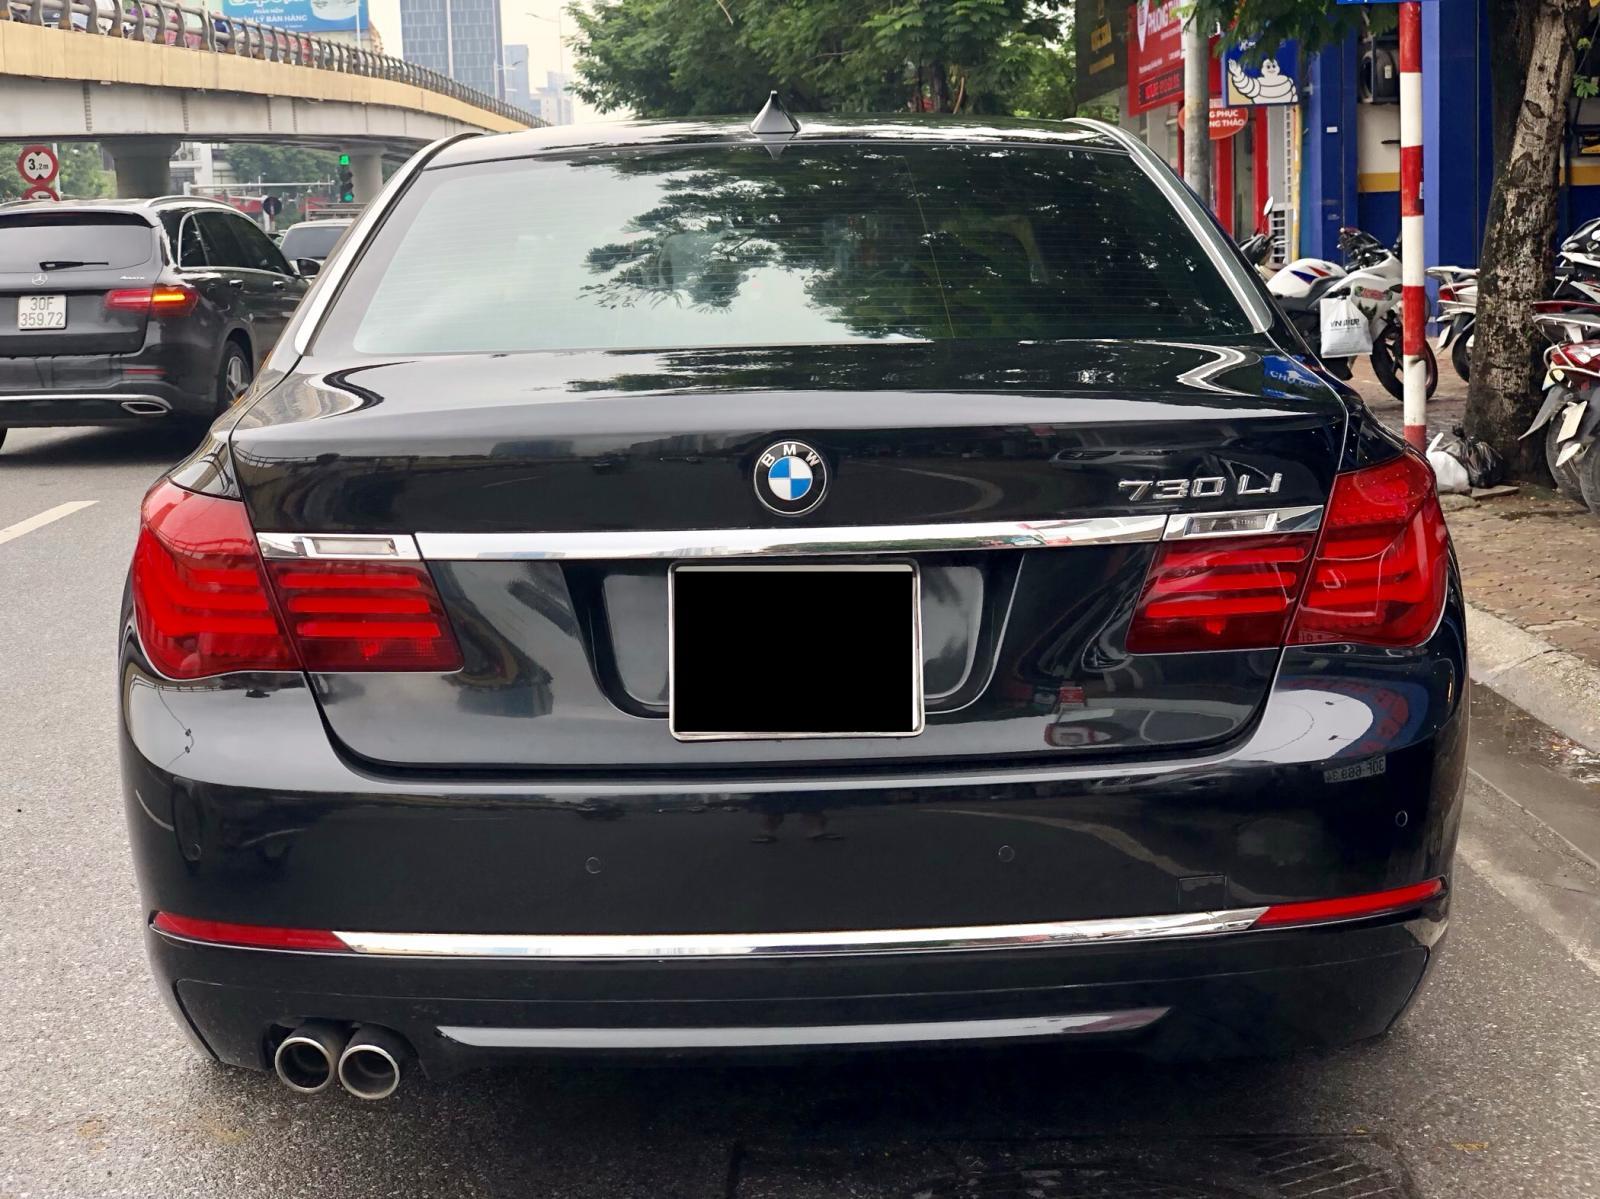 BMW 730Li sản xuất 2013 tư nhân chính chủ